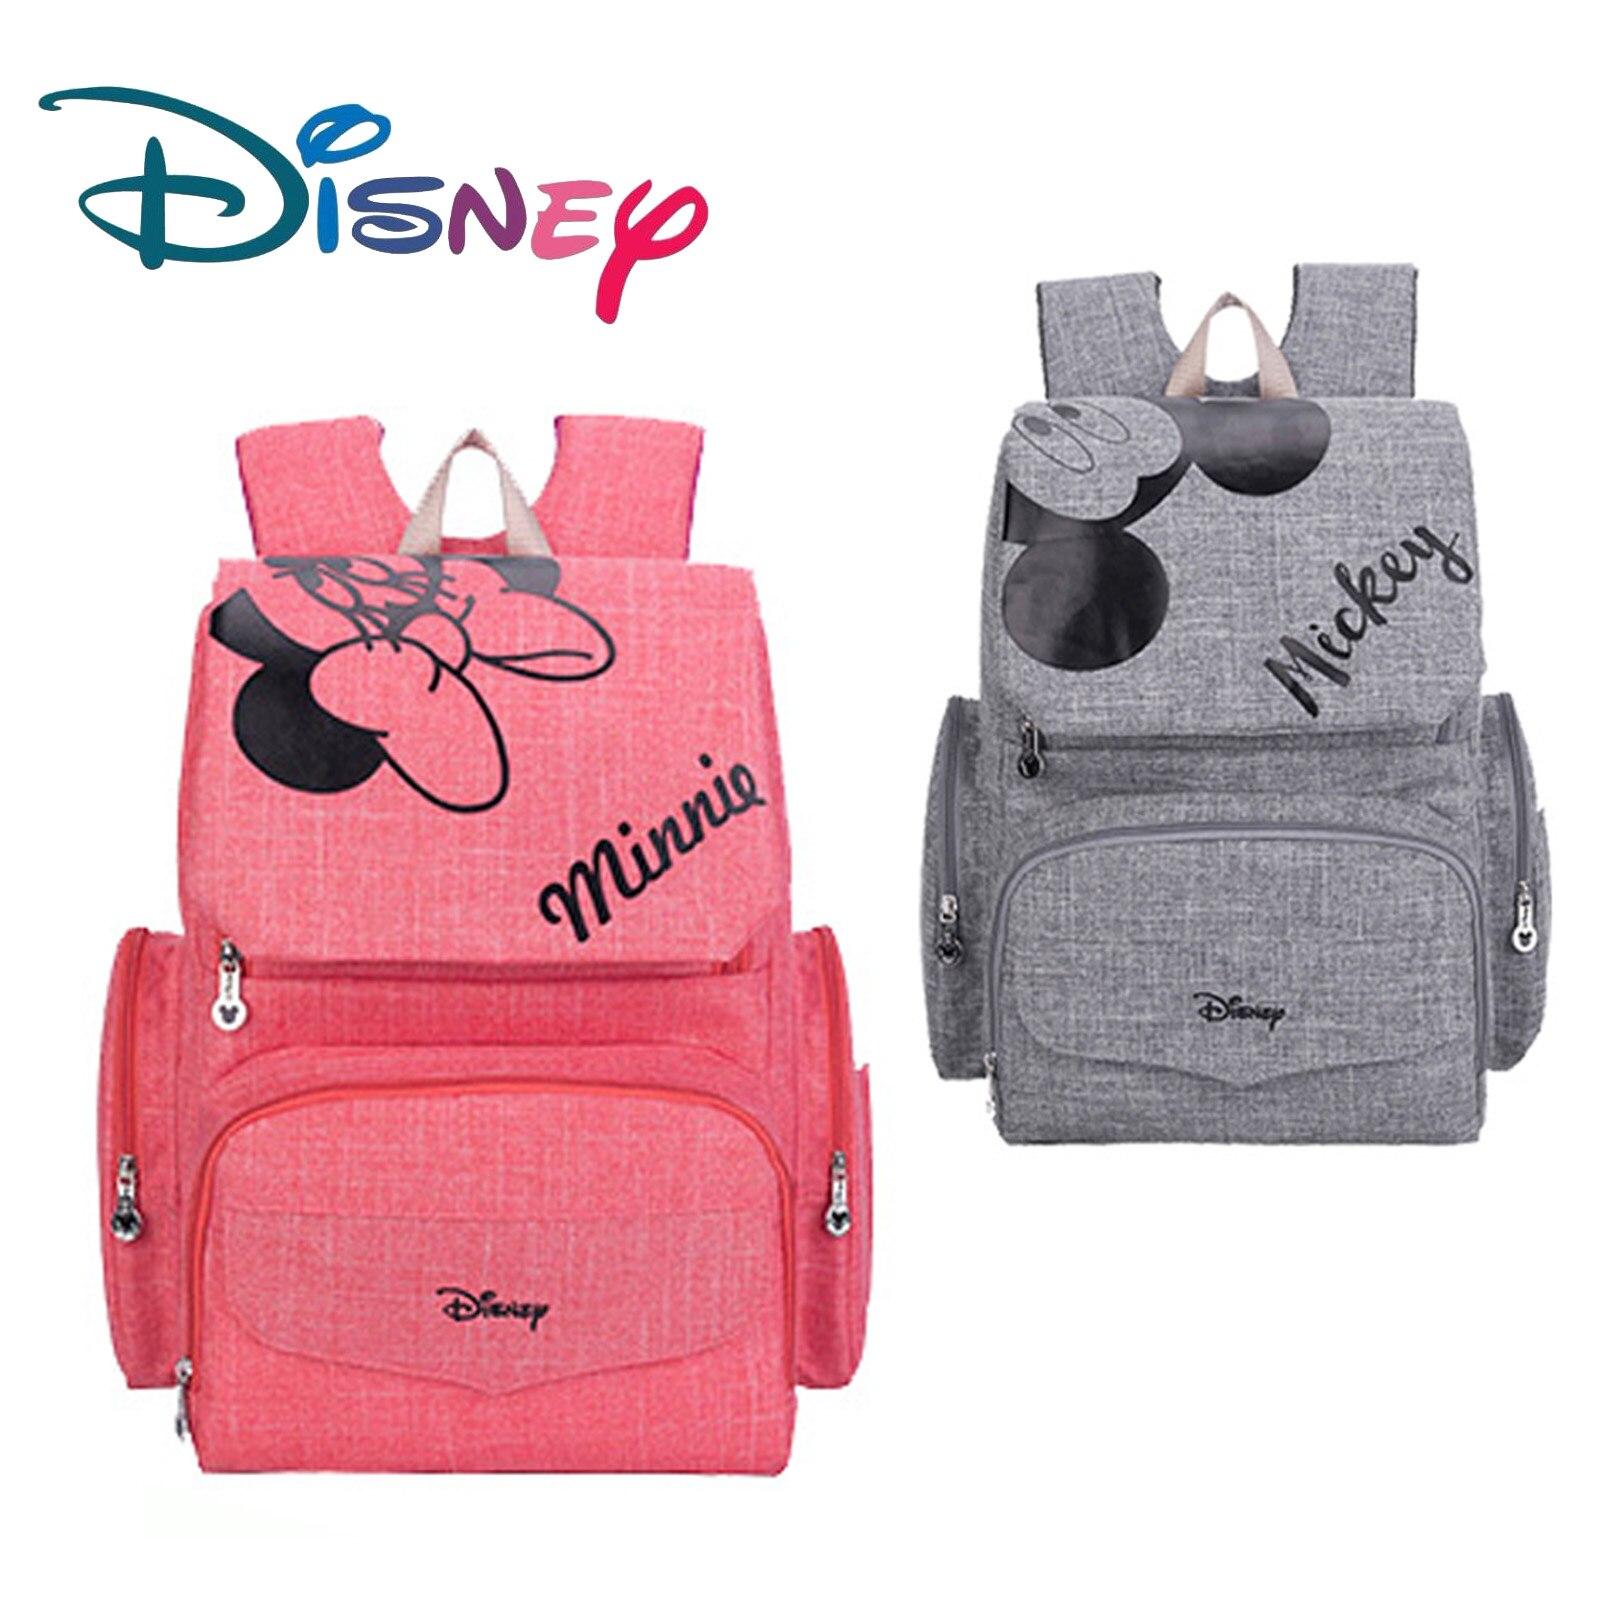 Diseny moda múmia maternidade saco de fraldas mochila de viagem saco de fraldas à prova dwaterproof água mochila para mães